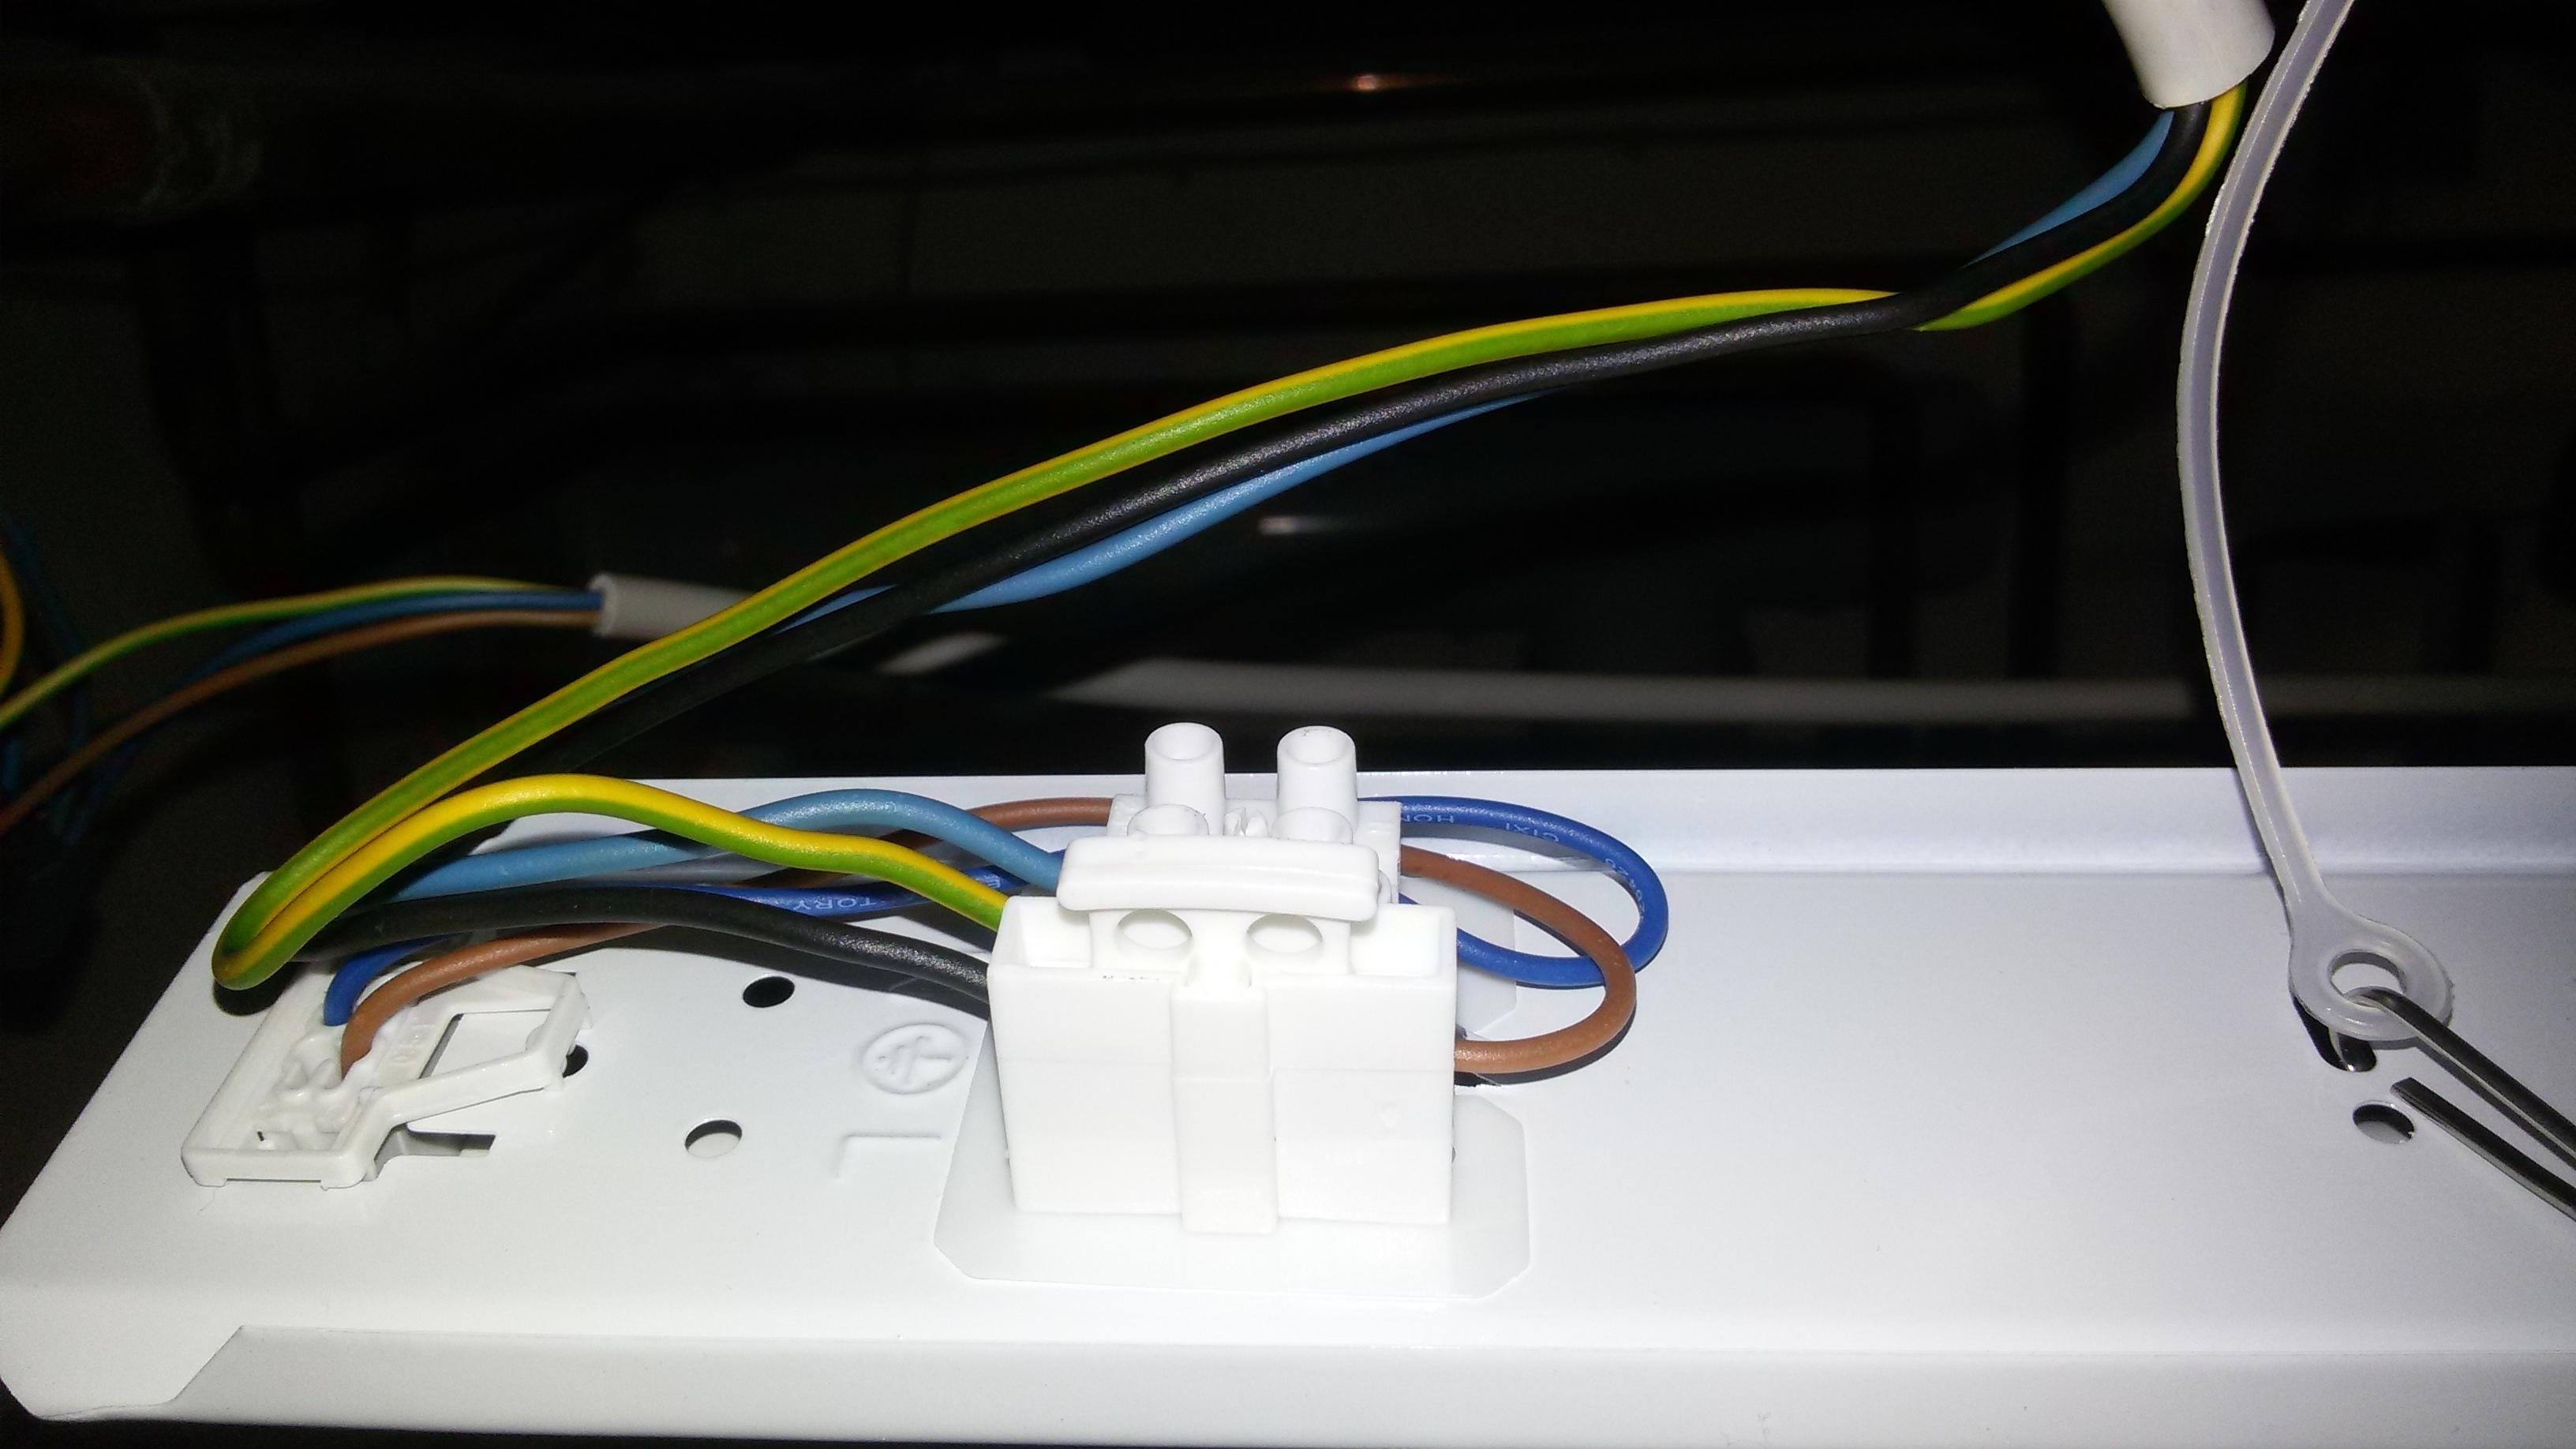 Led lampe flackert beim einschalten deptis inspirierendes neue ledleuchtstofflampe interne sicherung knallt beim led lampe flackert beim einschalten parisarafo Images